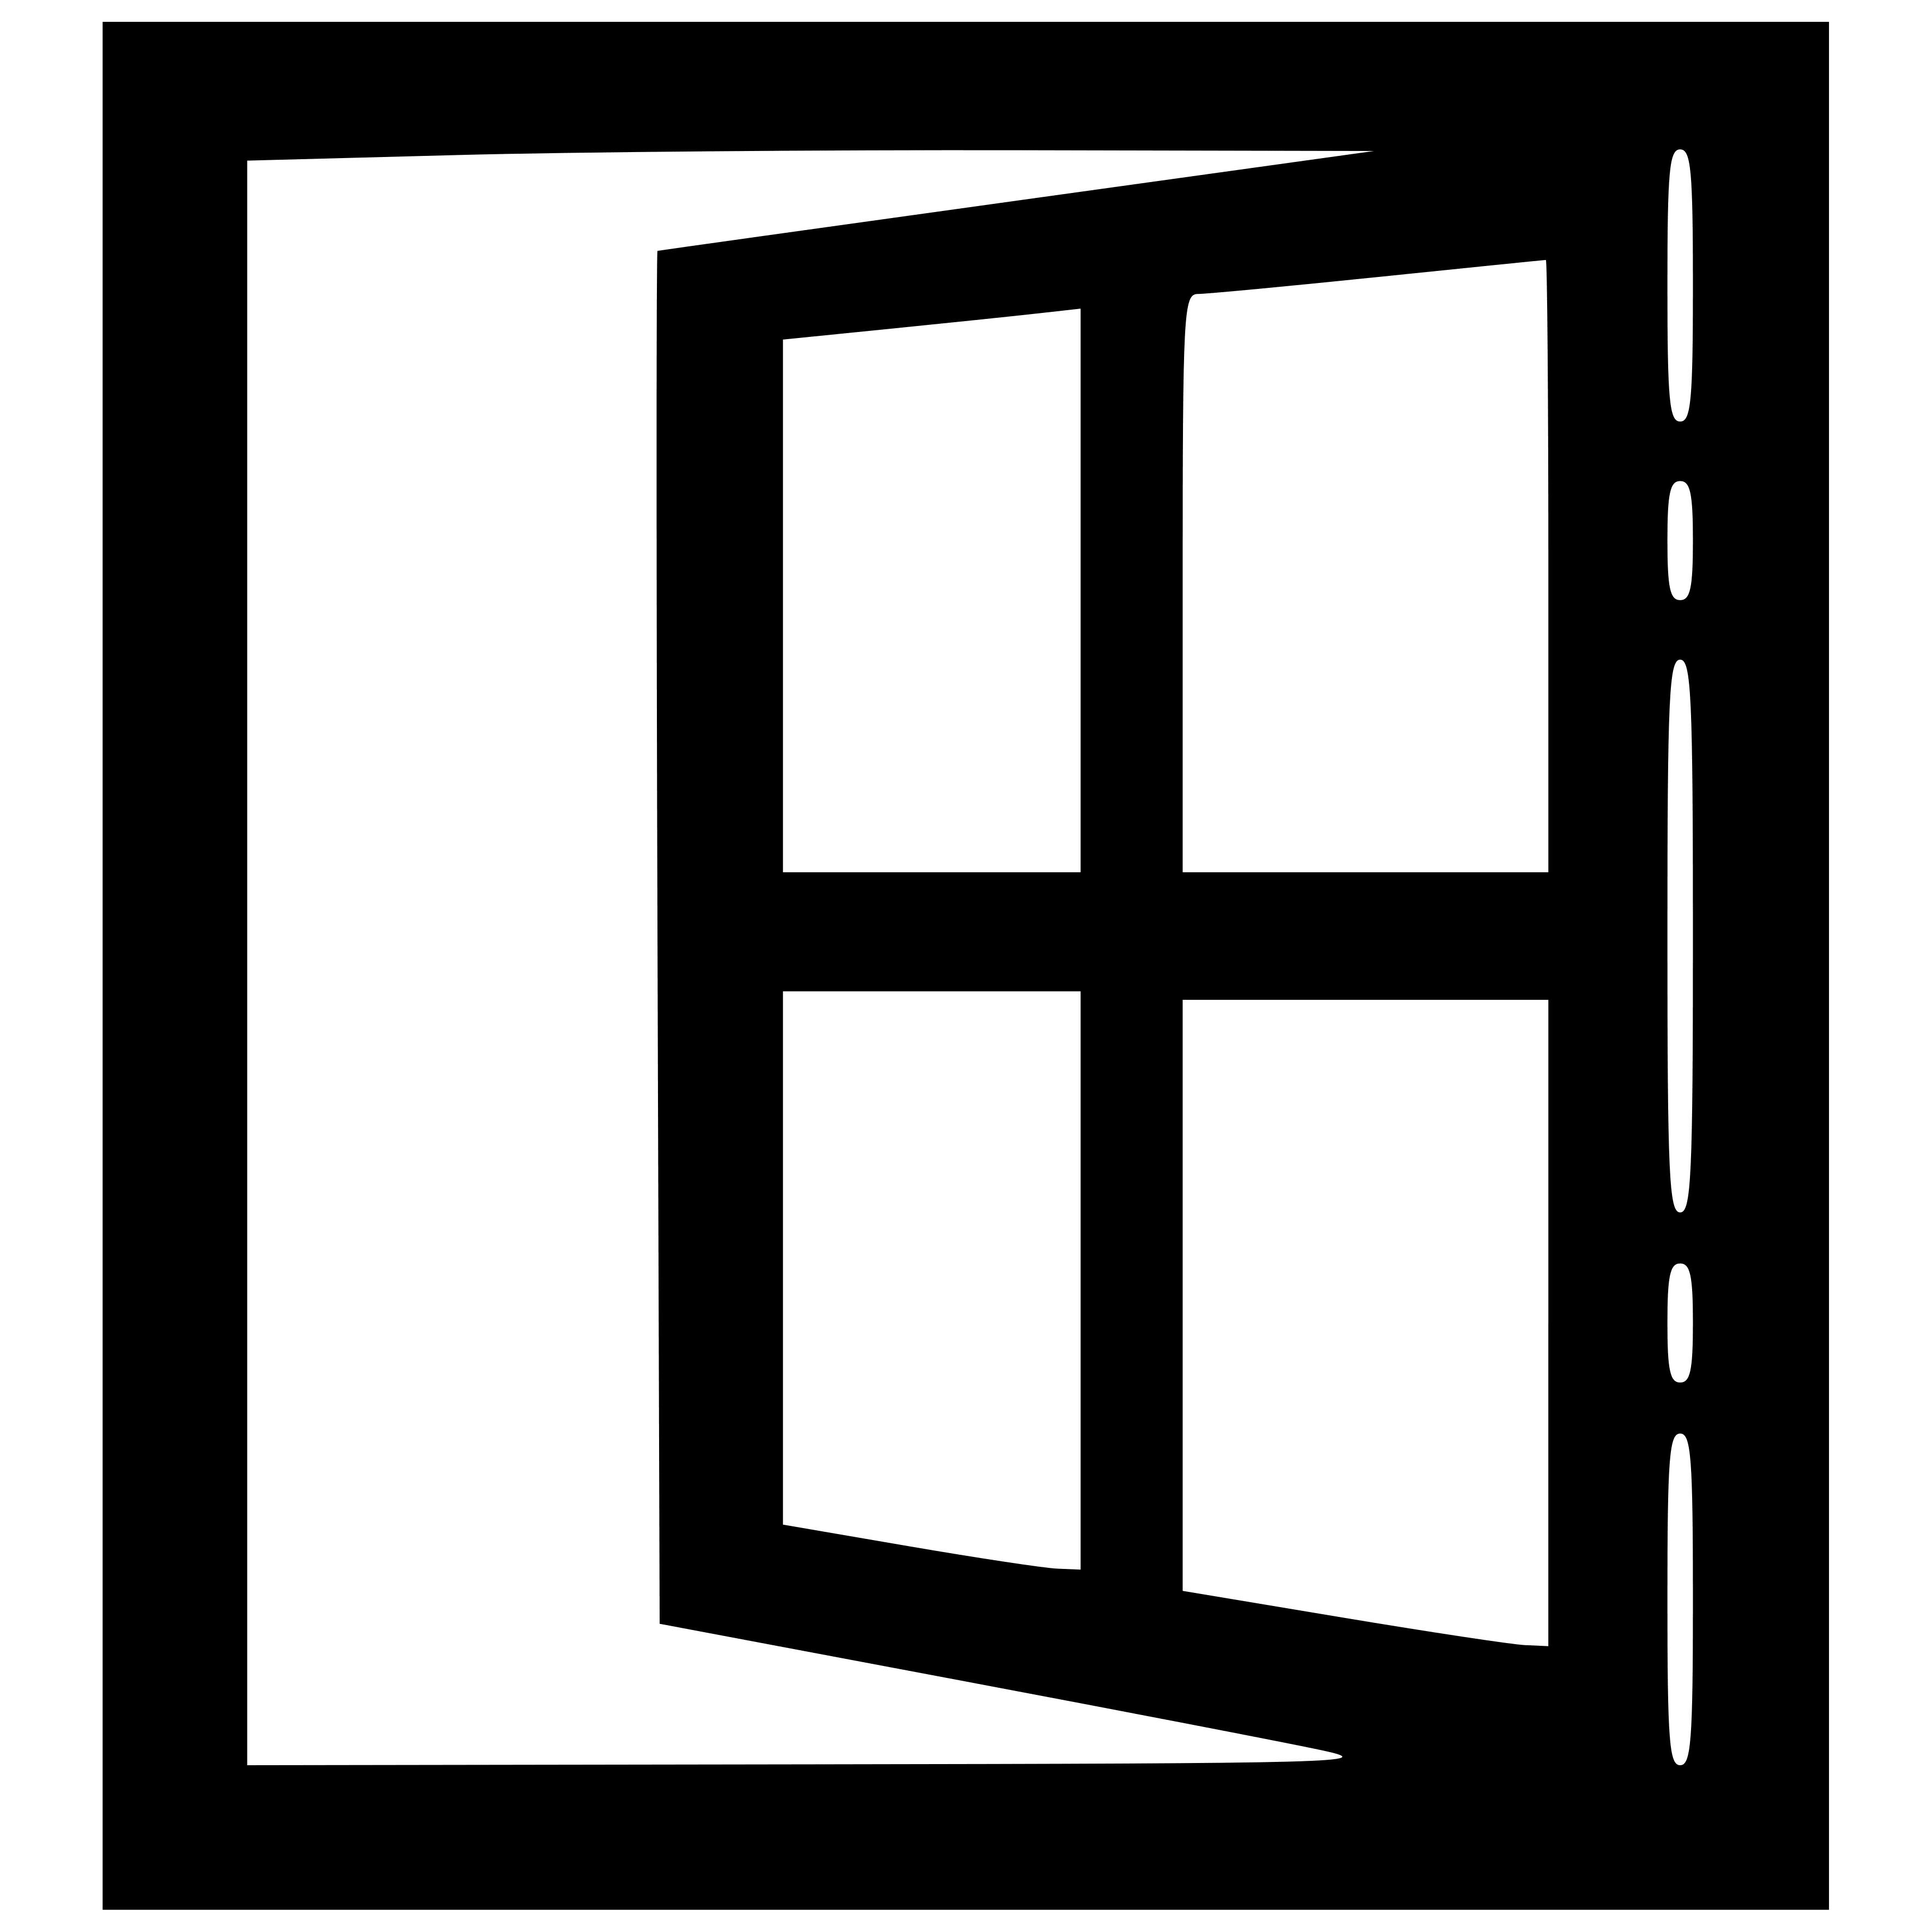 Fenster traum deutung for Fenster offen